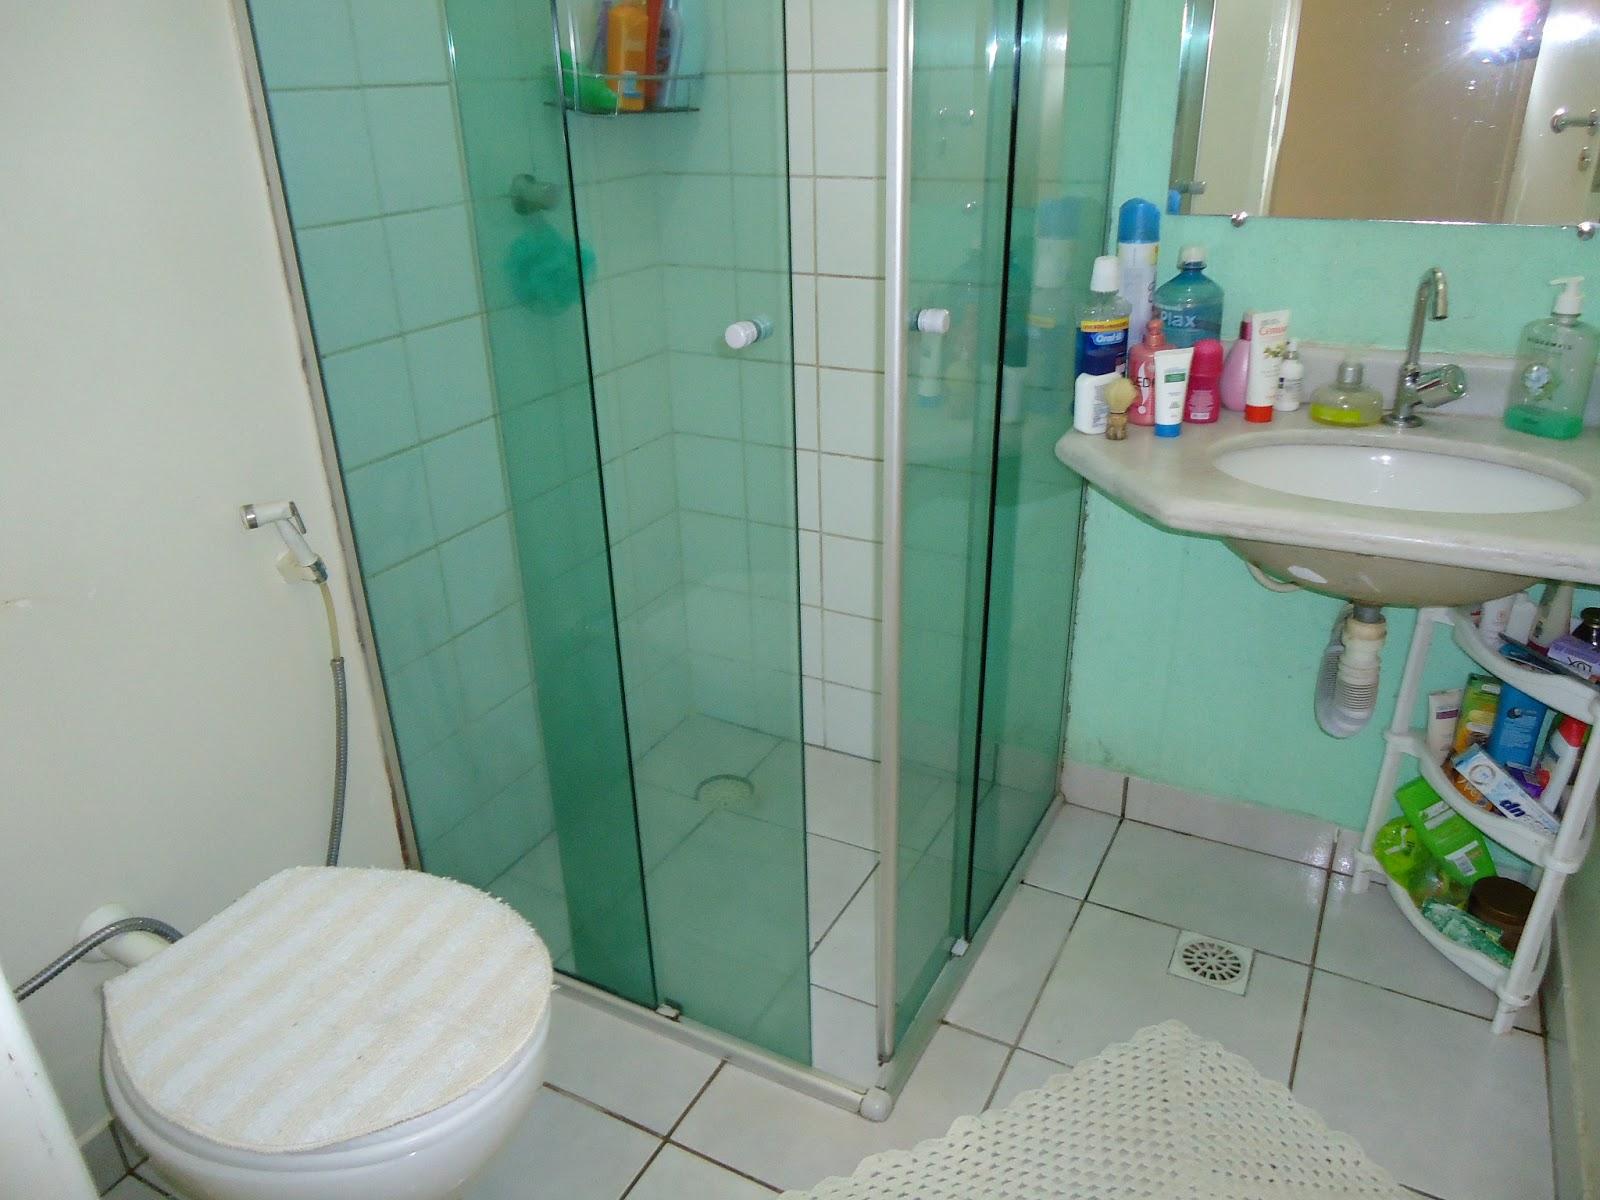 Realizando a Reforma: O Antes e o depois de um pequeno banheiro  #336745 1600x1200 Antes E Depois De Um Banheiro